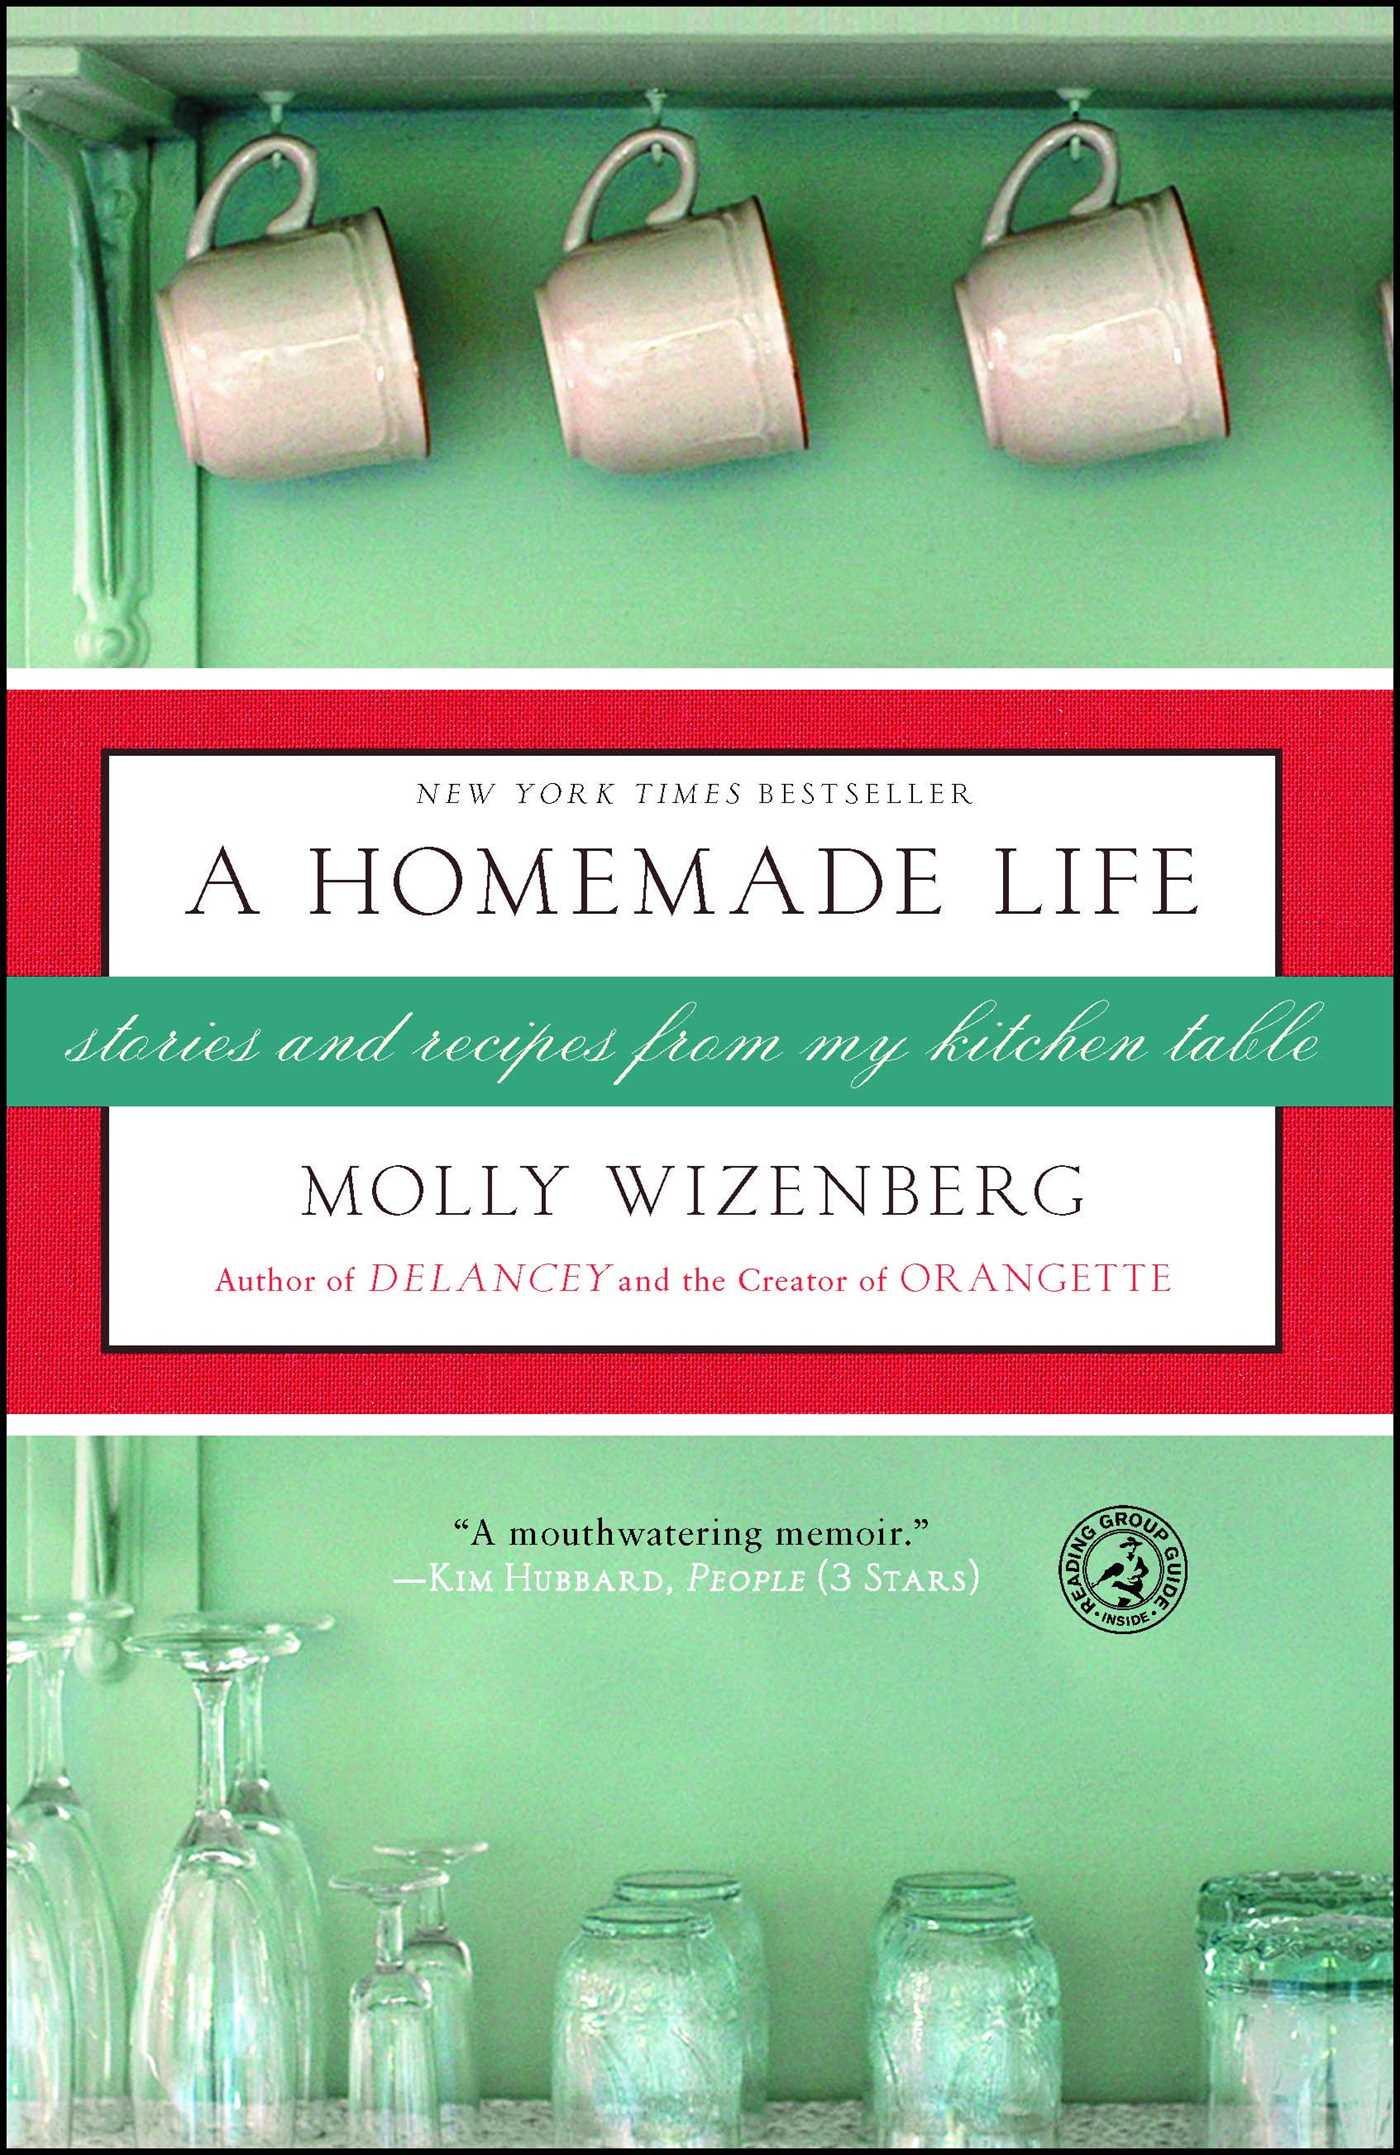 A homemade life 9781416594451 hr